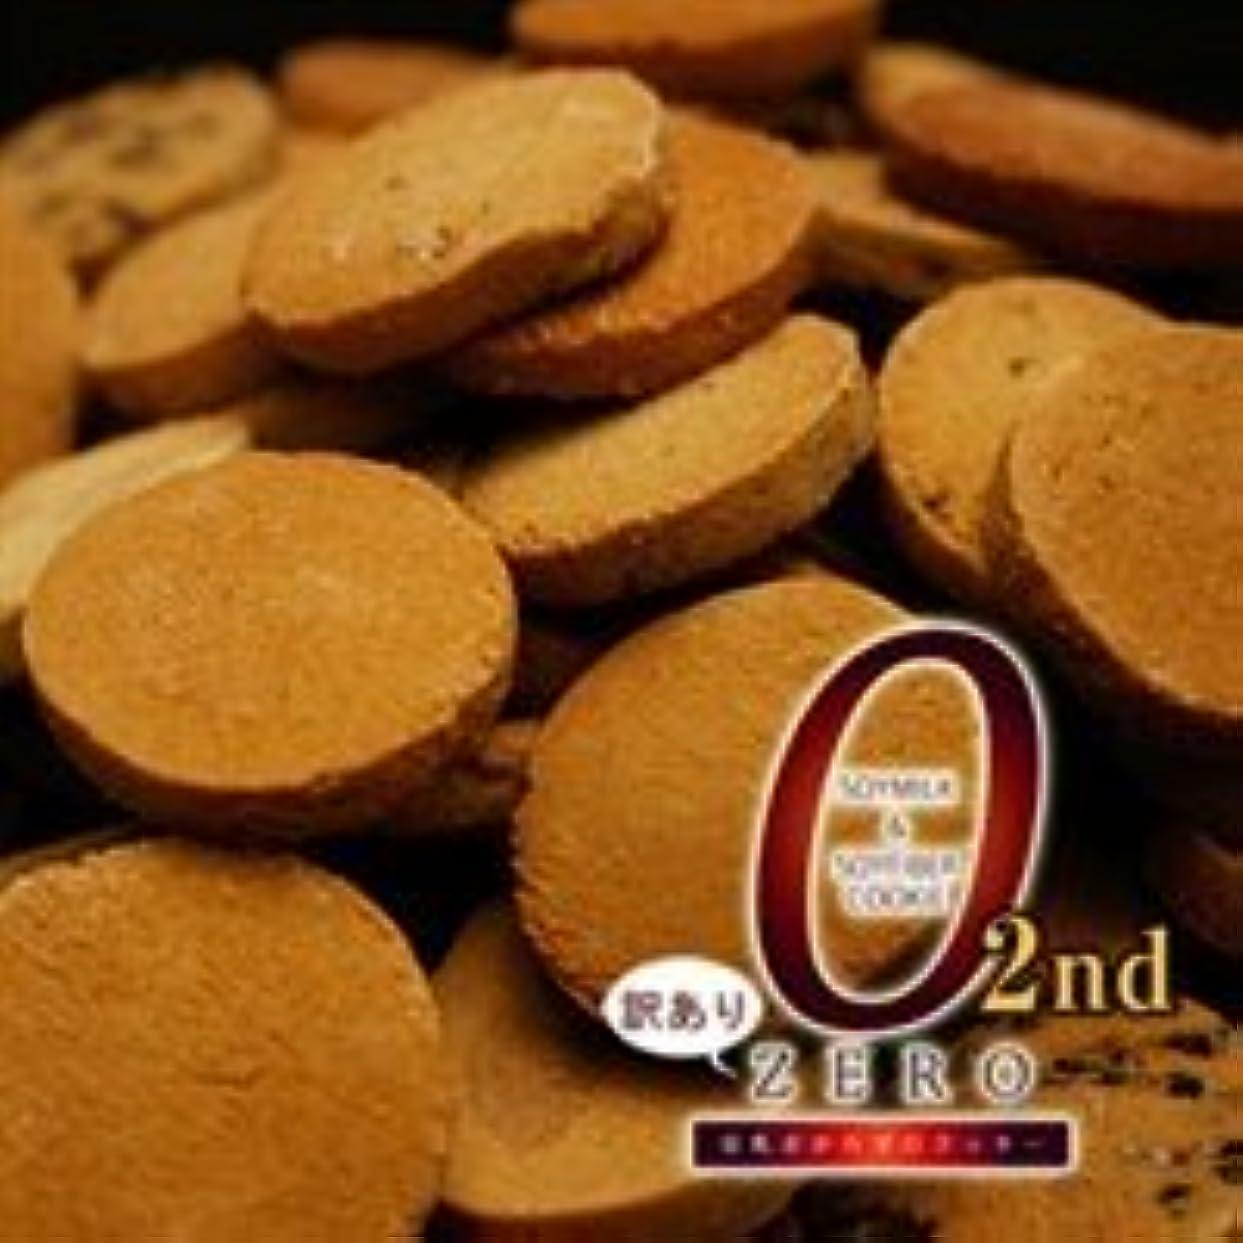 蒲屋忠兵衛商店 訳あり豆乳おからゼロクッキー 2nd 1kg(250g×4袋)